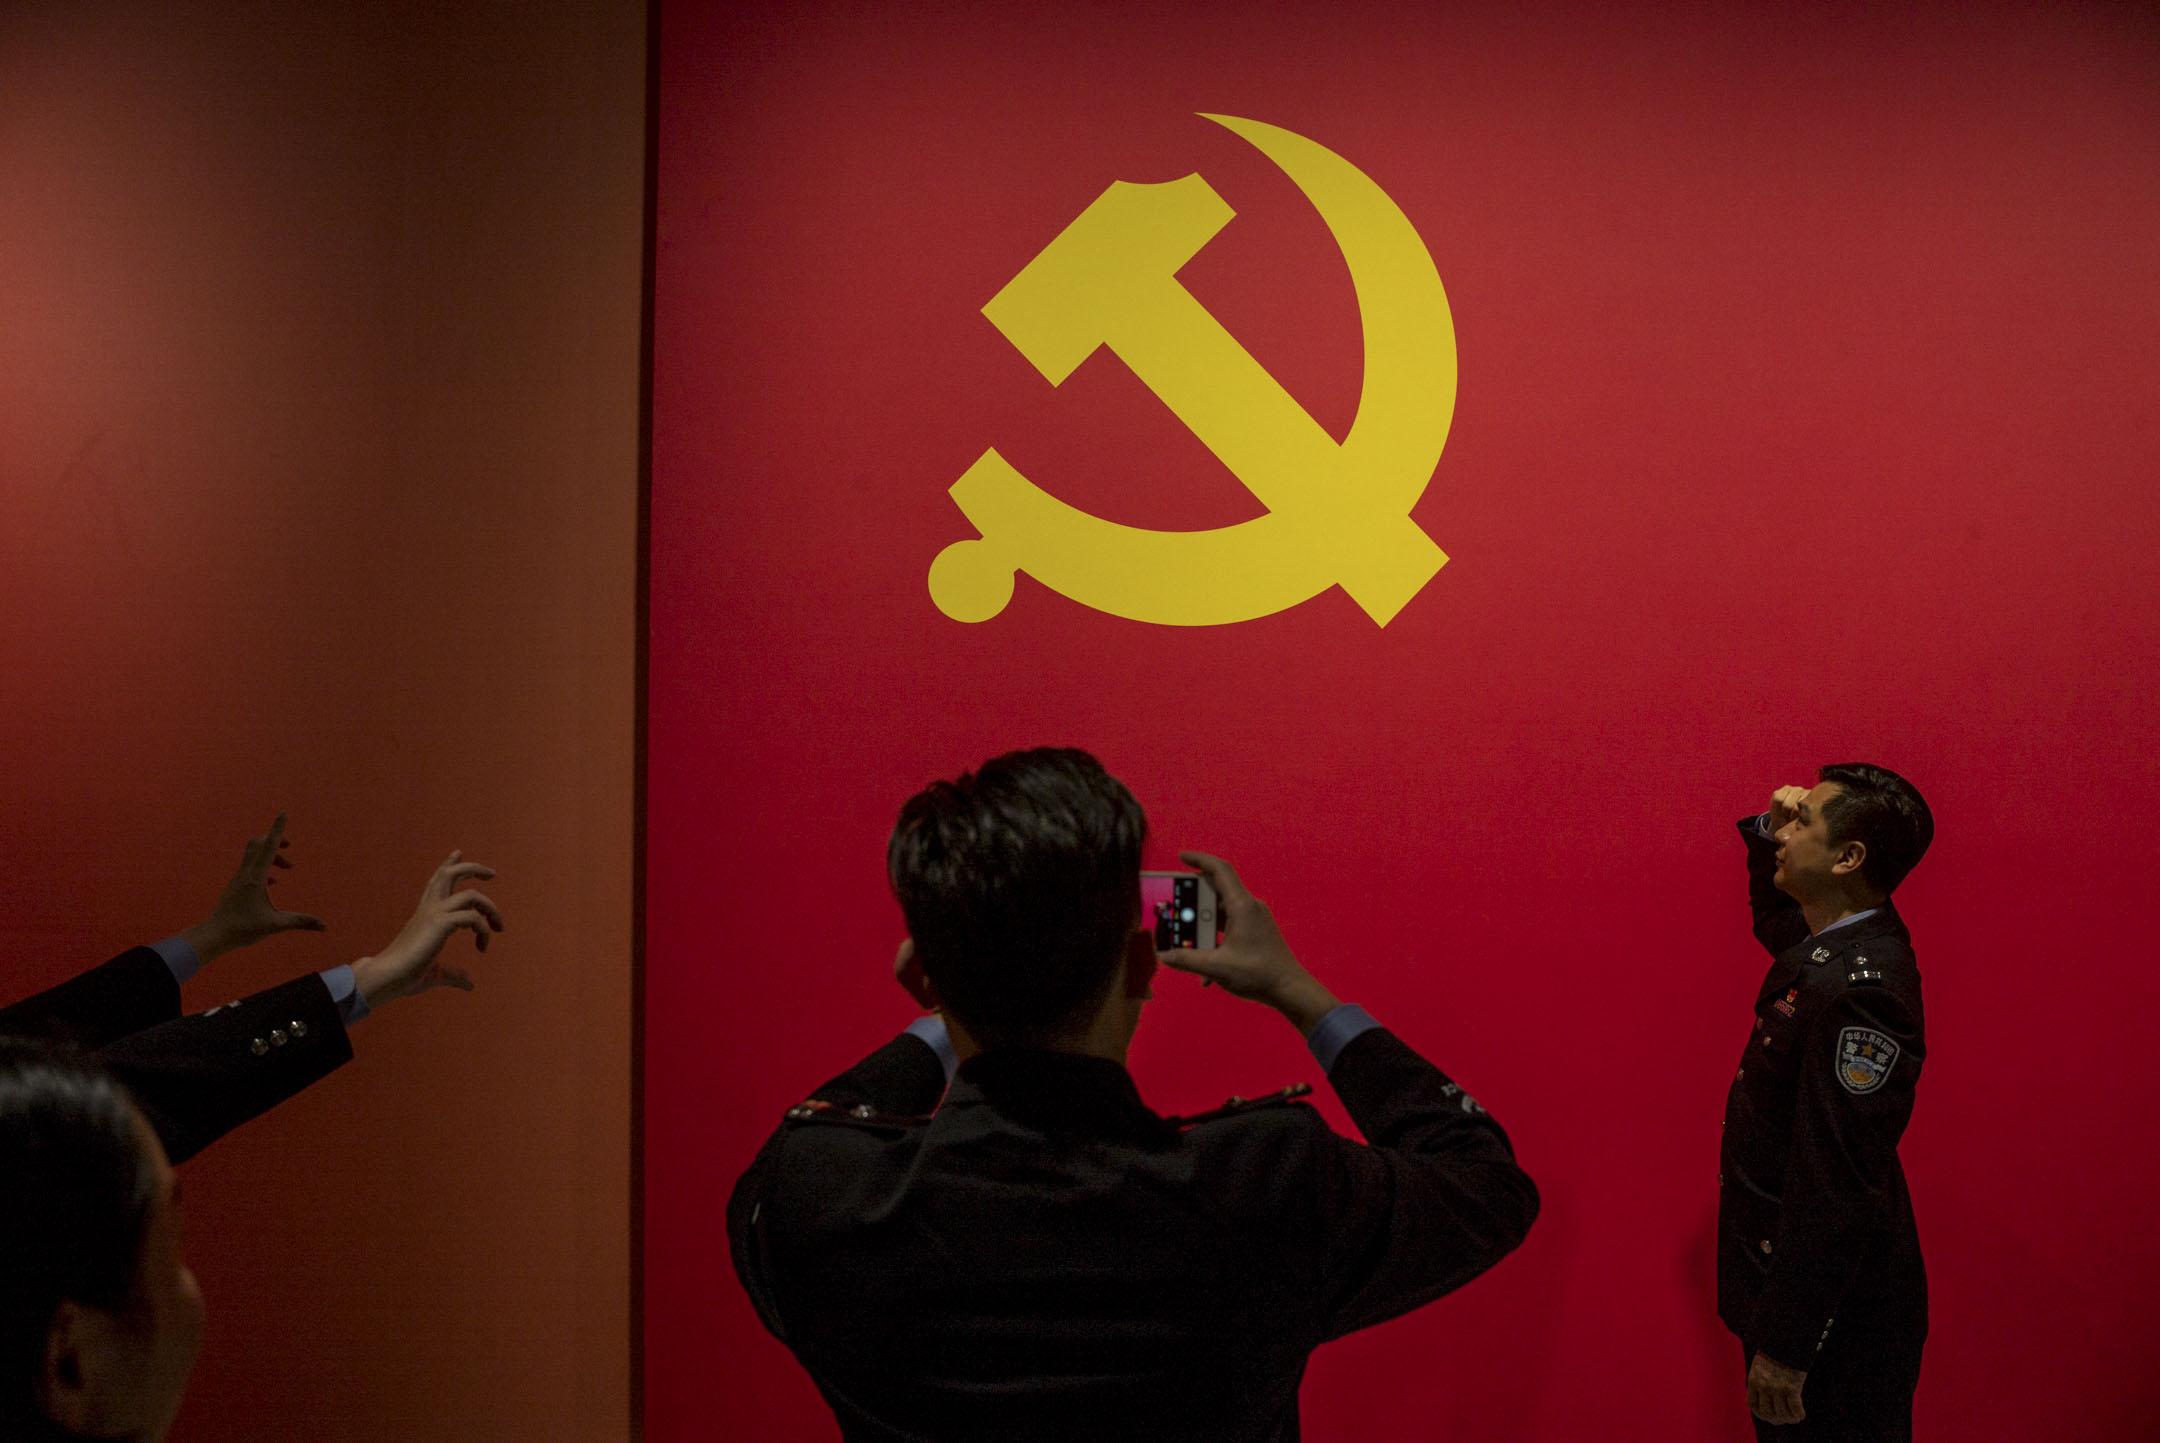 孔杰榮:只要共產黨仍保持其對於權力的壟斷,法治在中國取得實質進展的可能就希望渺茫。圖為2018年11月「大潮起珠江――廣東改革開放40週年展覽」,其中長展品有一幅共產黨黨旗掛在牆上,參觀的警察在旗前拍照。 攝:林振東/端傳媒